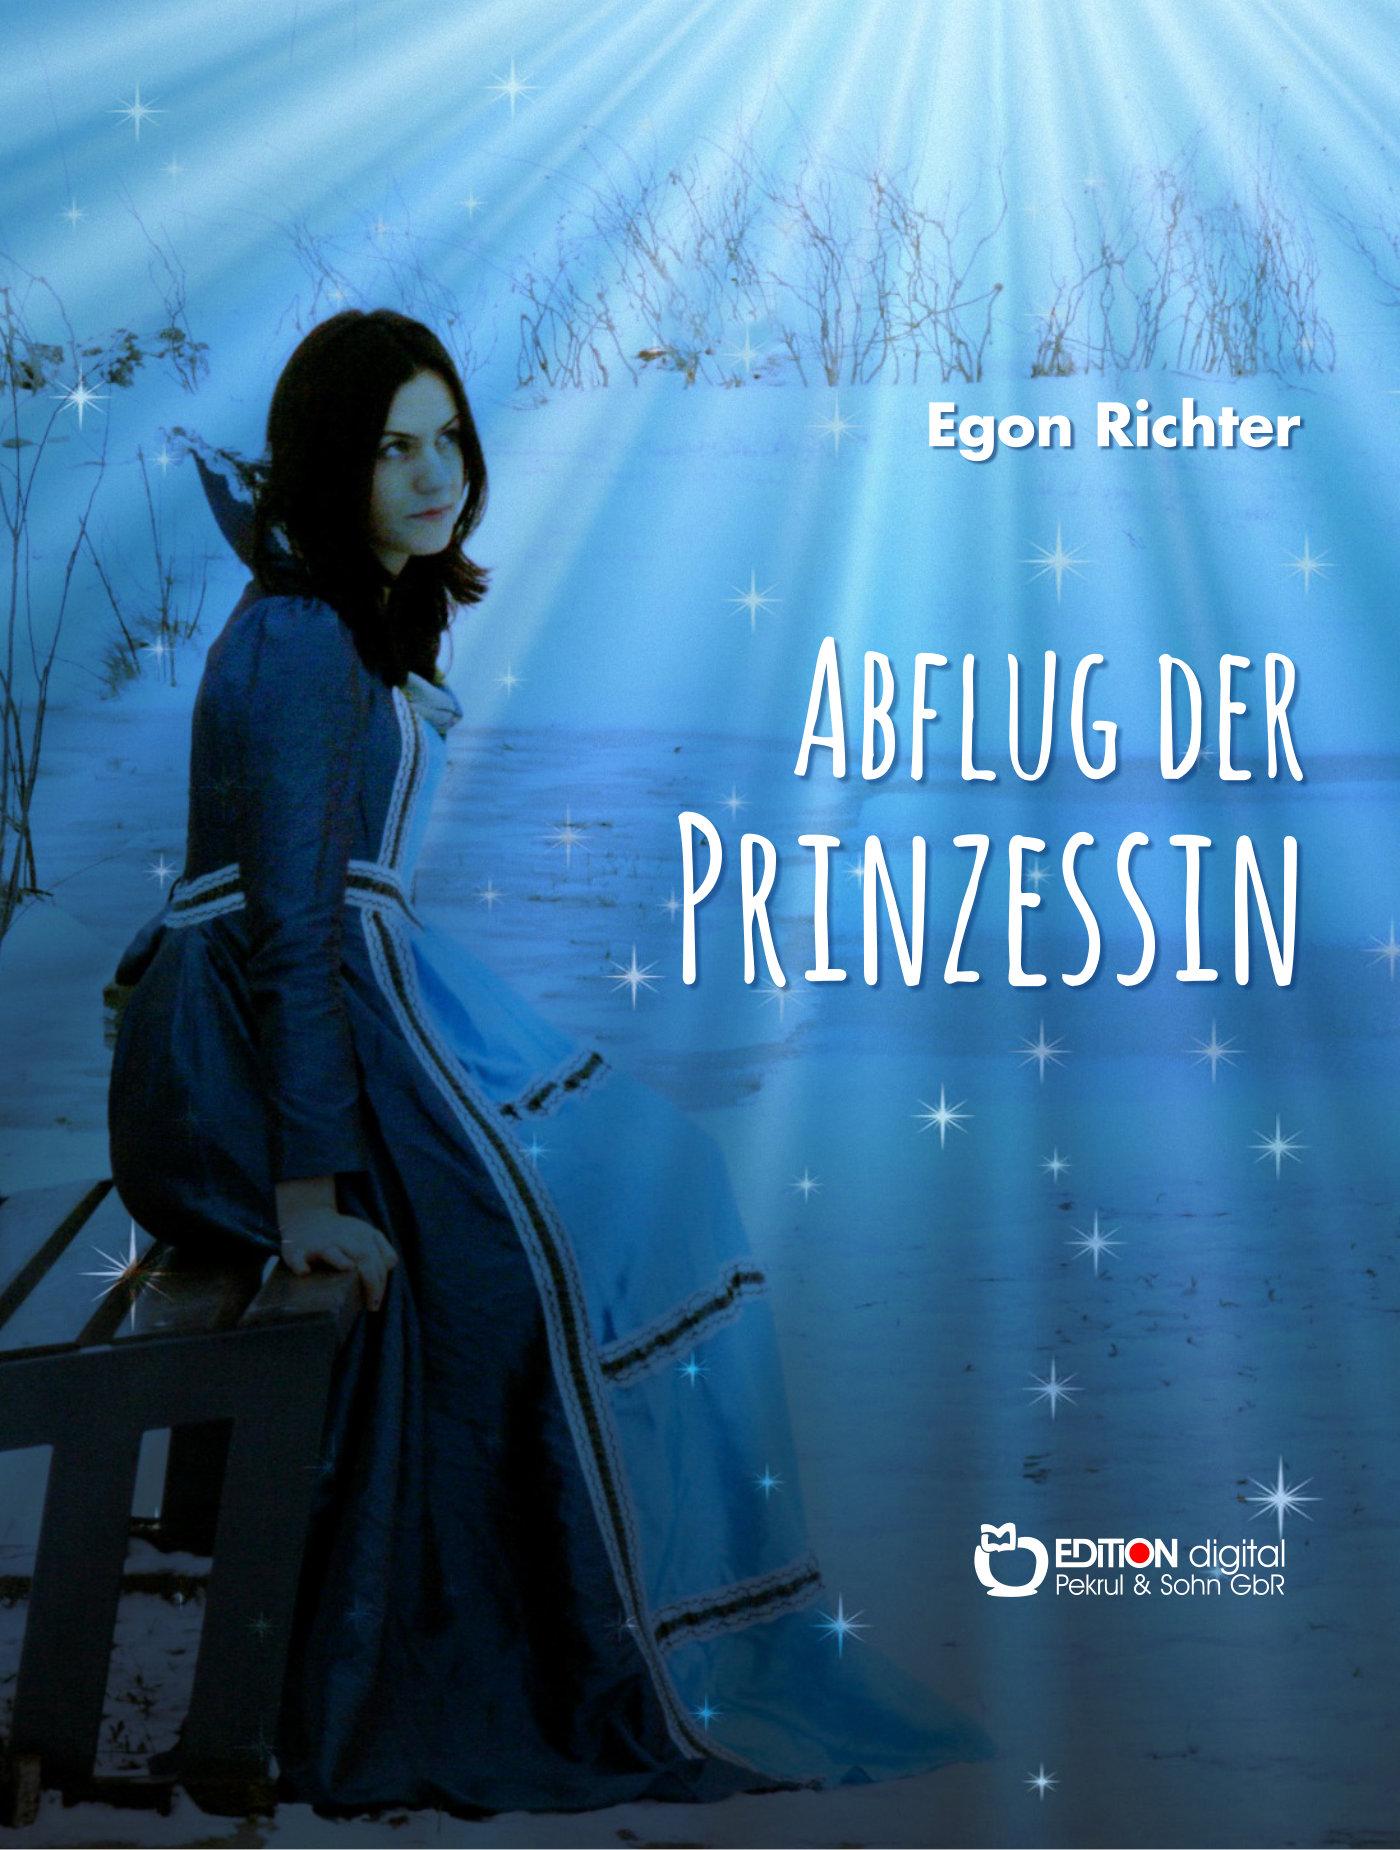 Abflug der Prinzessin von Egon Richter